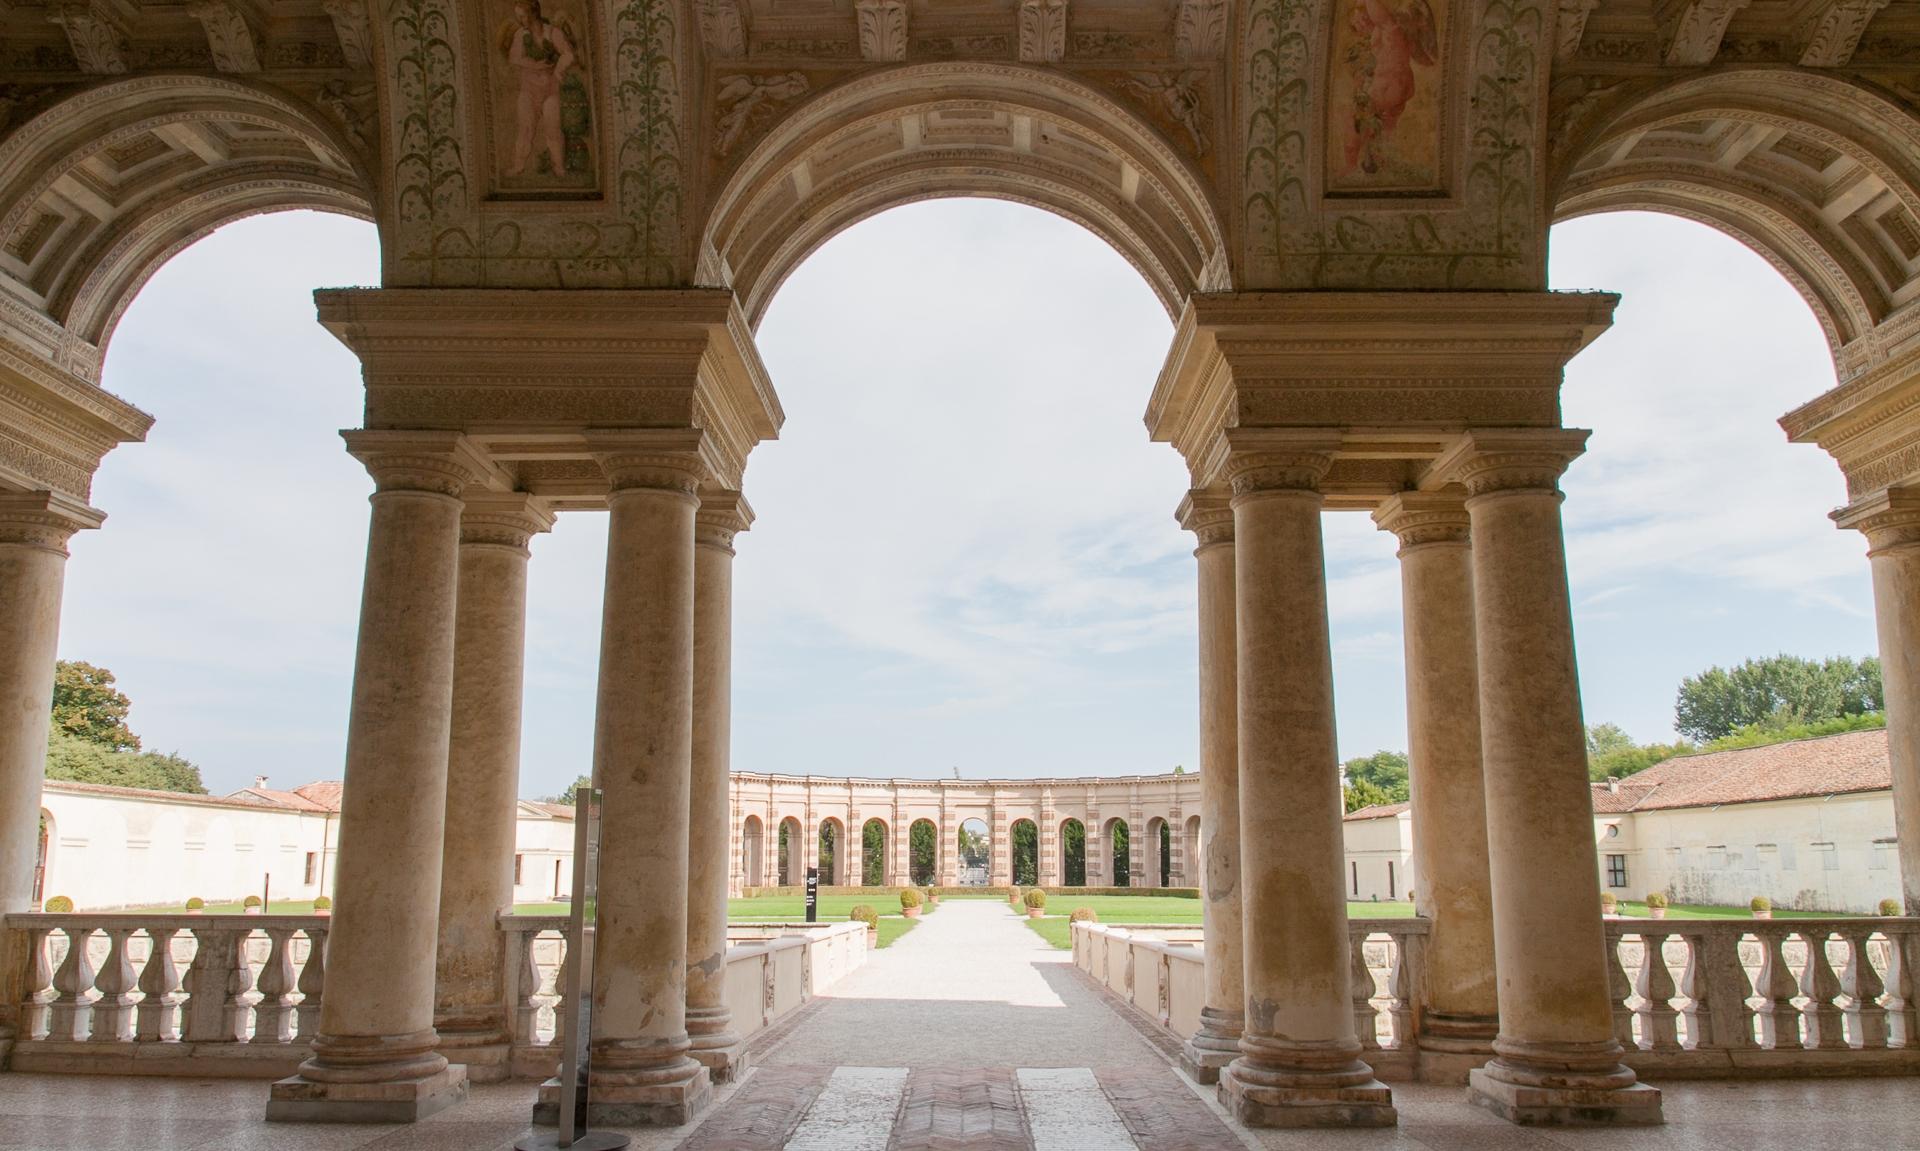 Mantova milanoguida visite guidate a mostre e musei - Giulio iacchetti interno italiano ...